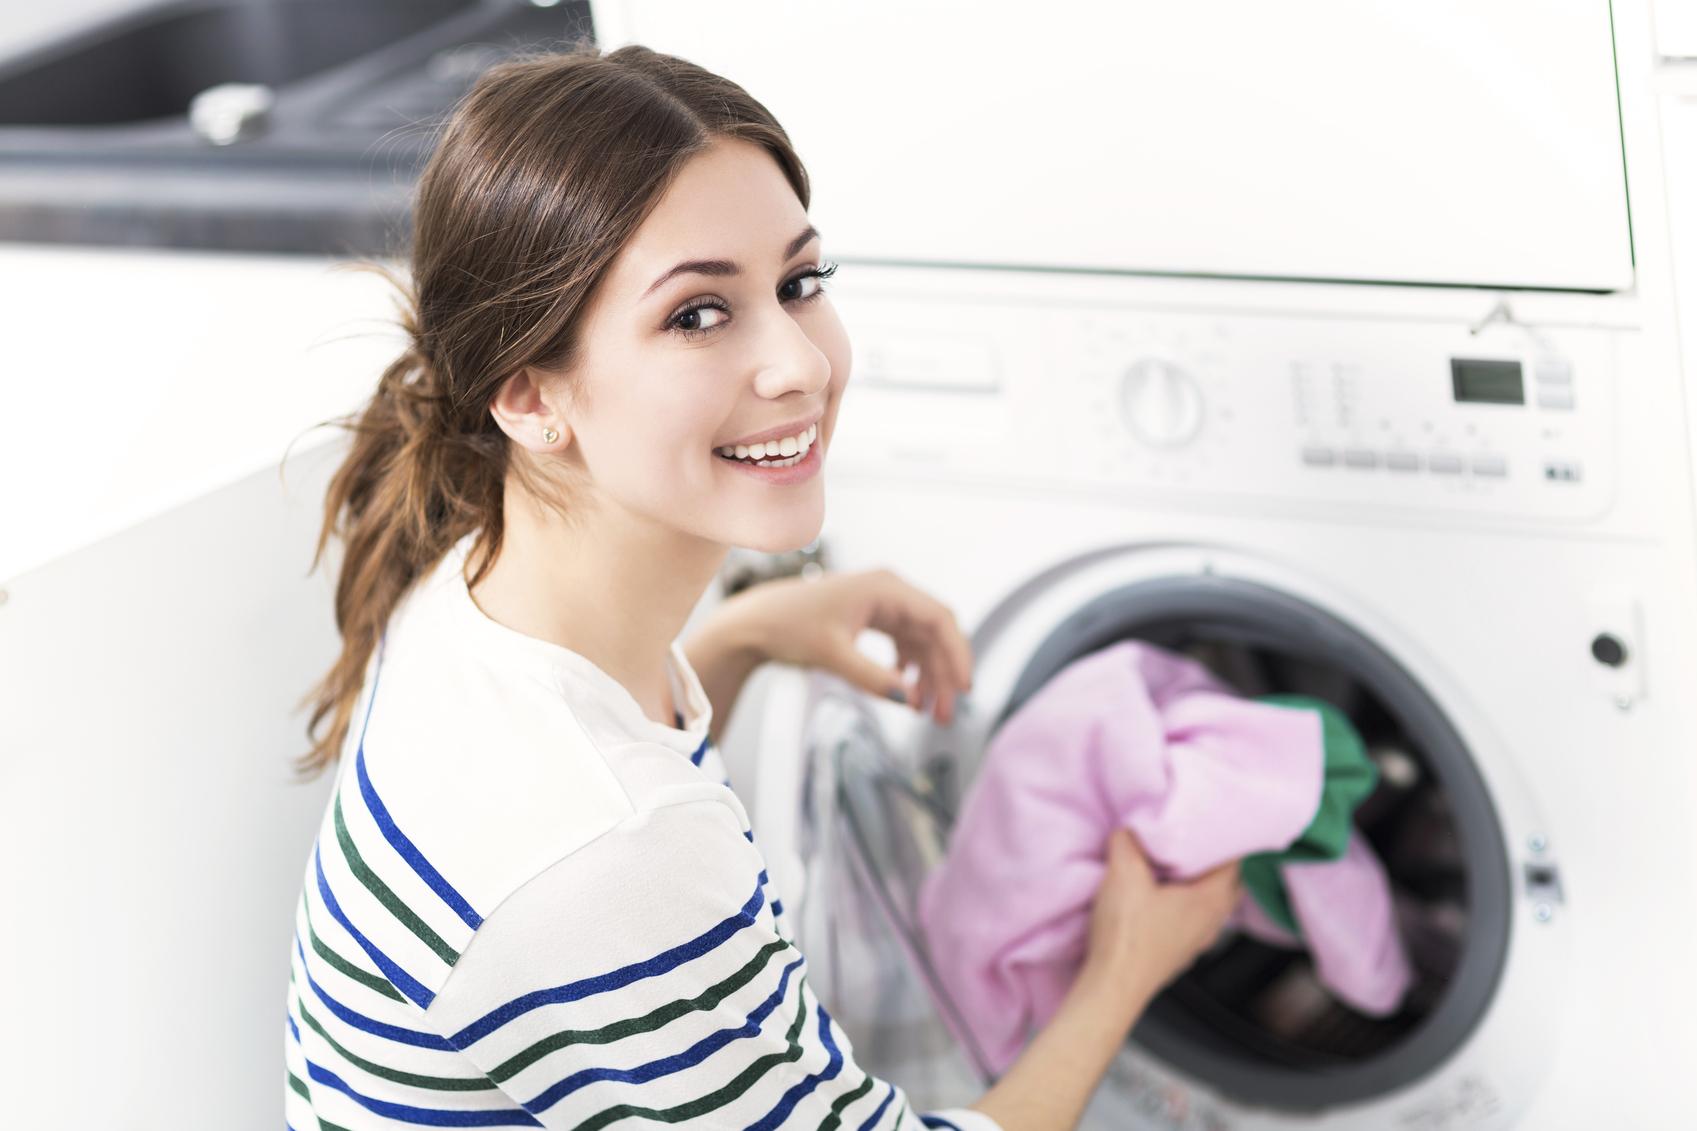 Ce se întâmplă dacă pui aspirină în maşina de spălat! Efectul este neaşteptat